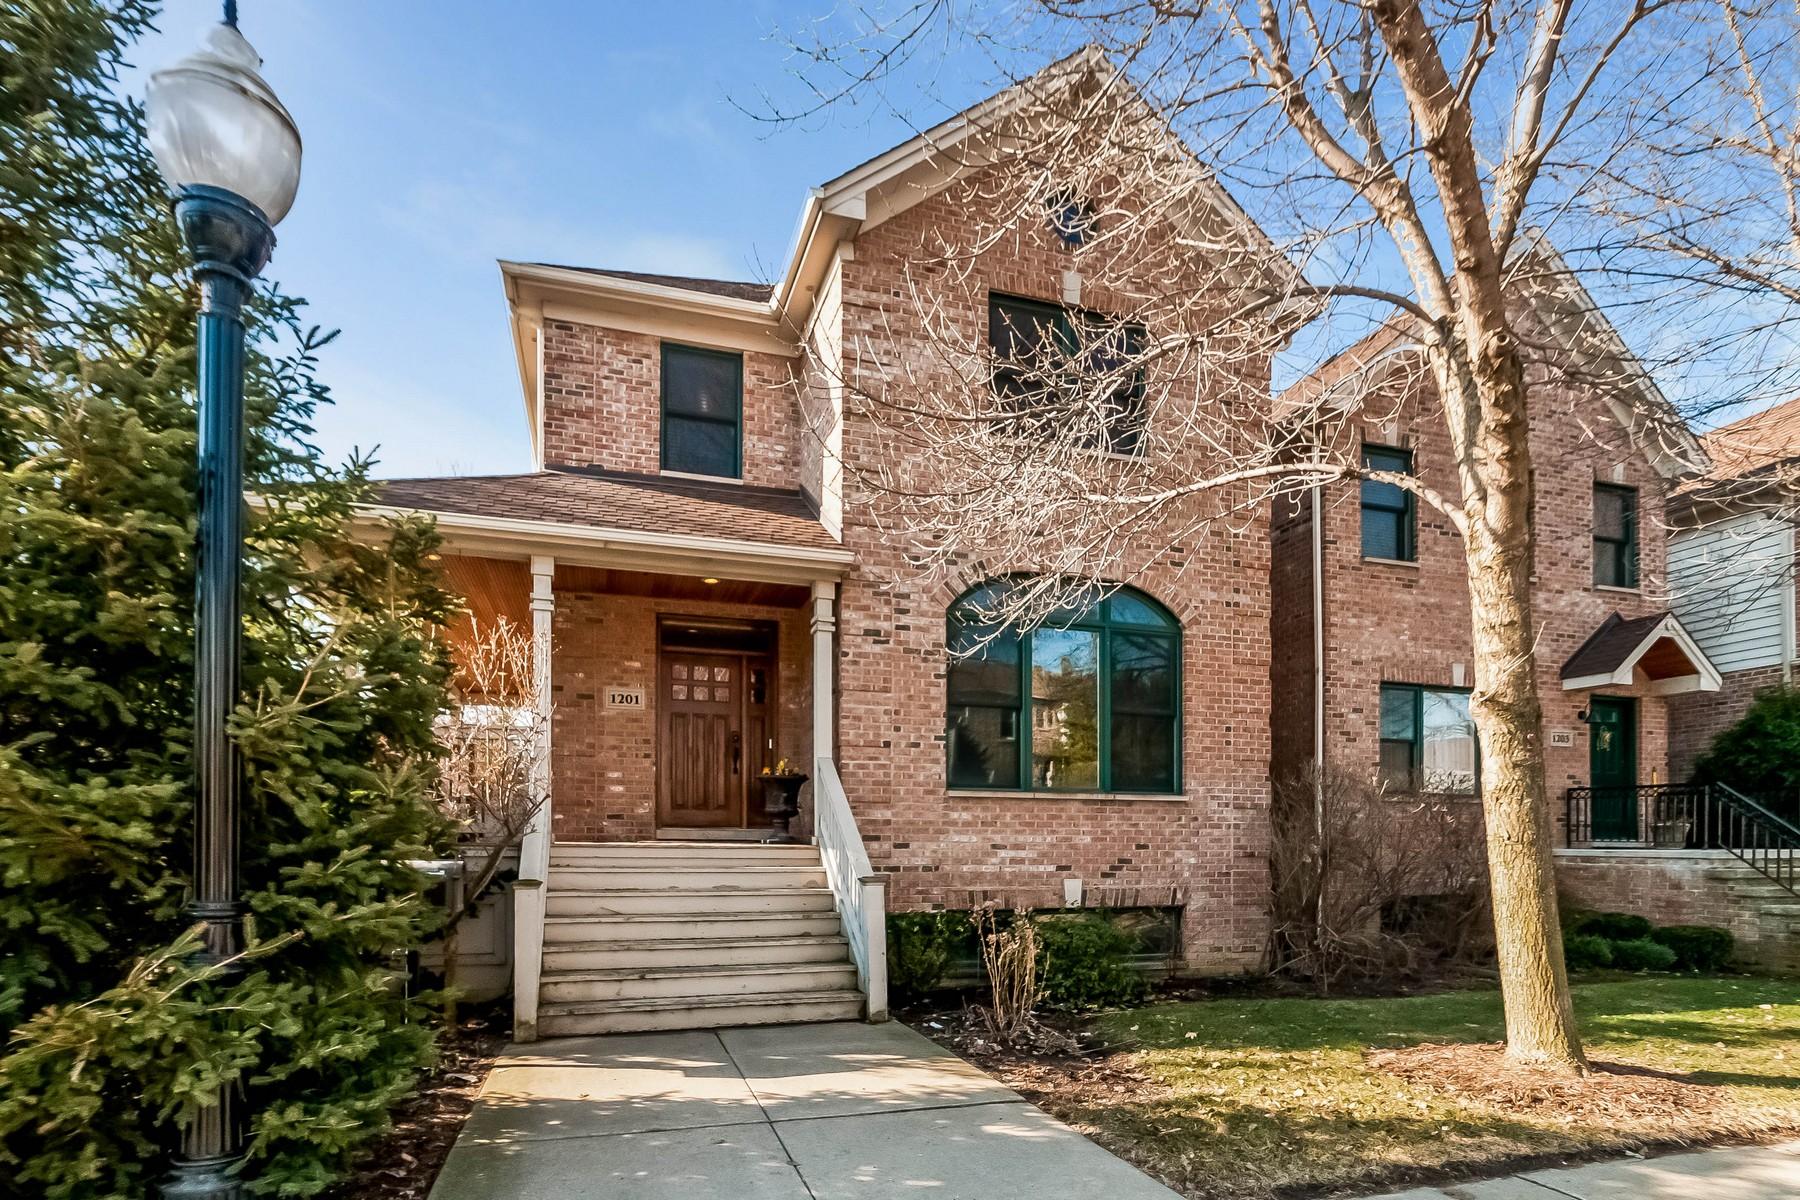 Casa Unifamiliar por un Venta en Beautiful Bridgeport Village Home 1201 W 33rd Street Bridgeport, Chicago, Illinois 60608 Estados Unidos